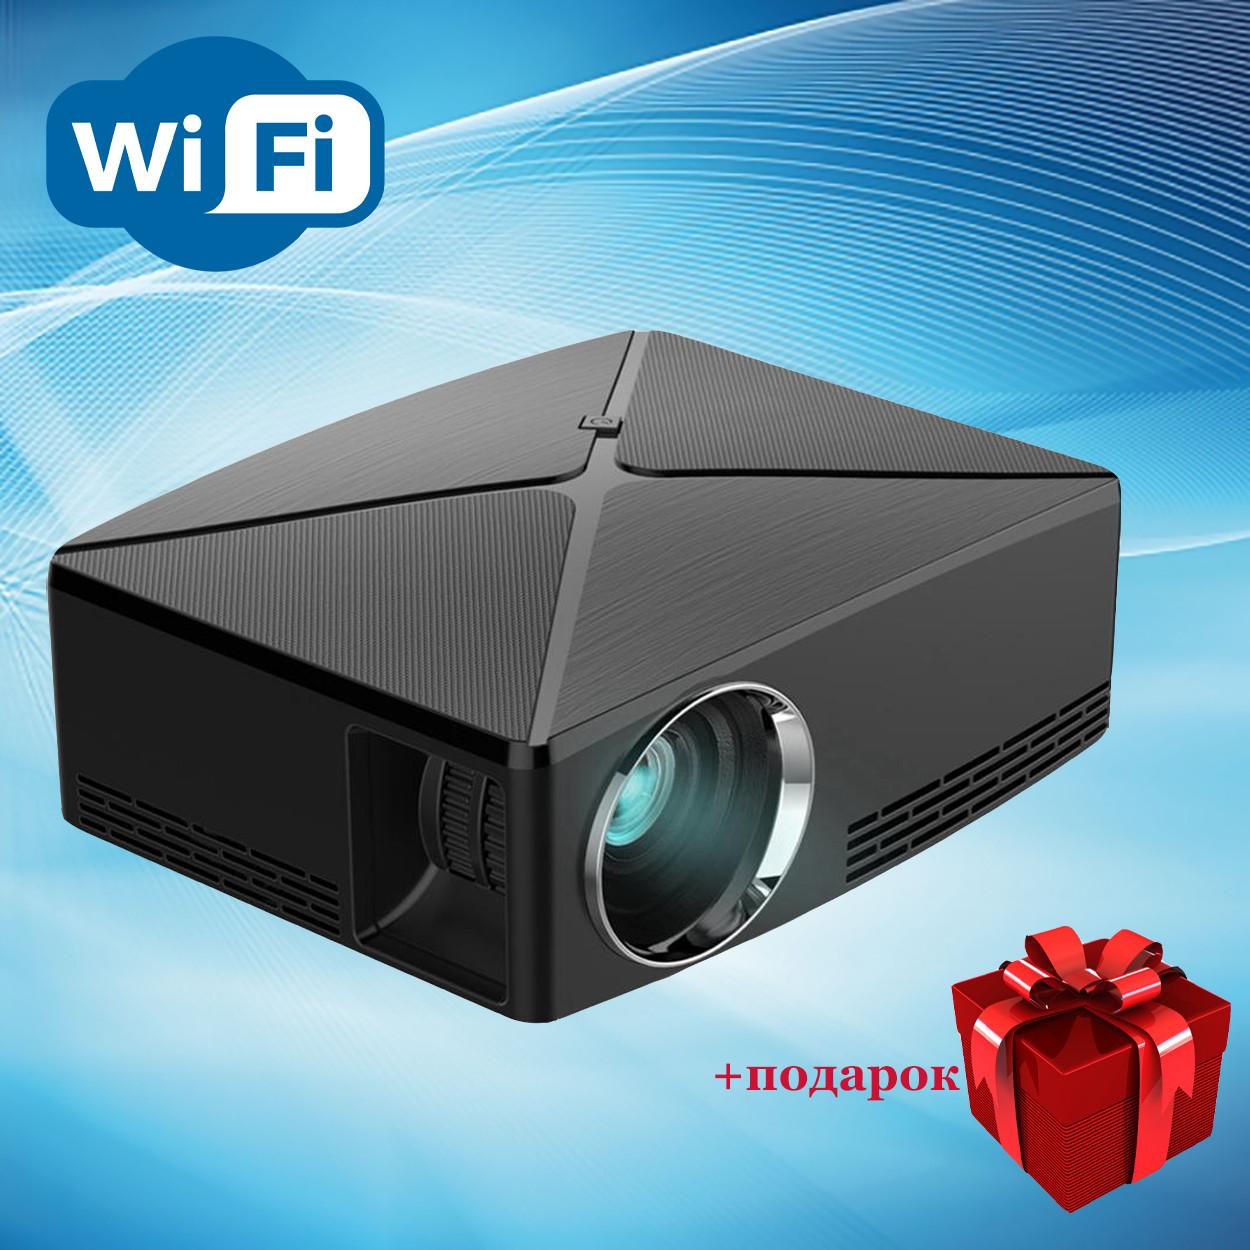 Проектор мультимедийный с Wi-Fi кинопроектор видеопроектор Wi-light C80 Проектор для дома Оригинал